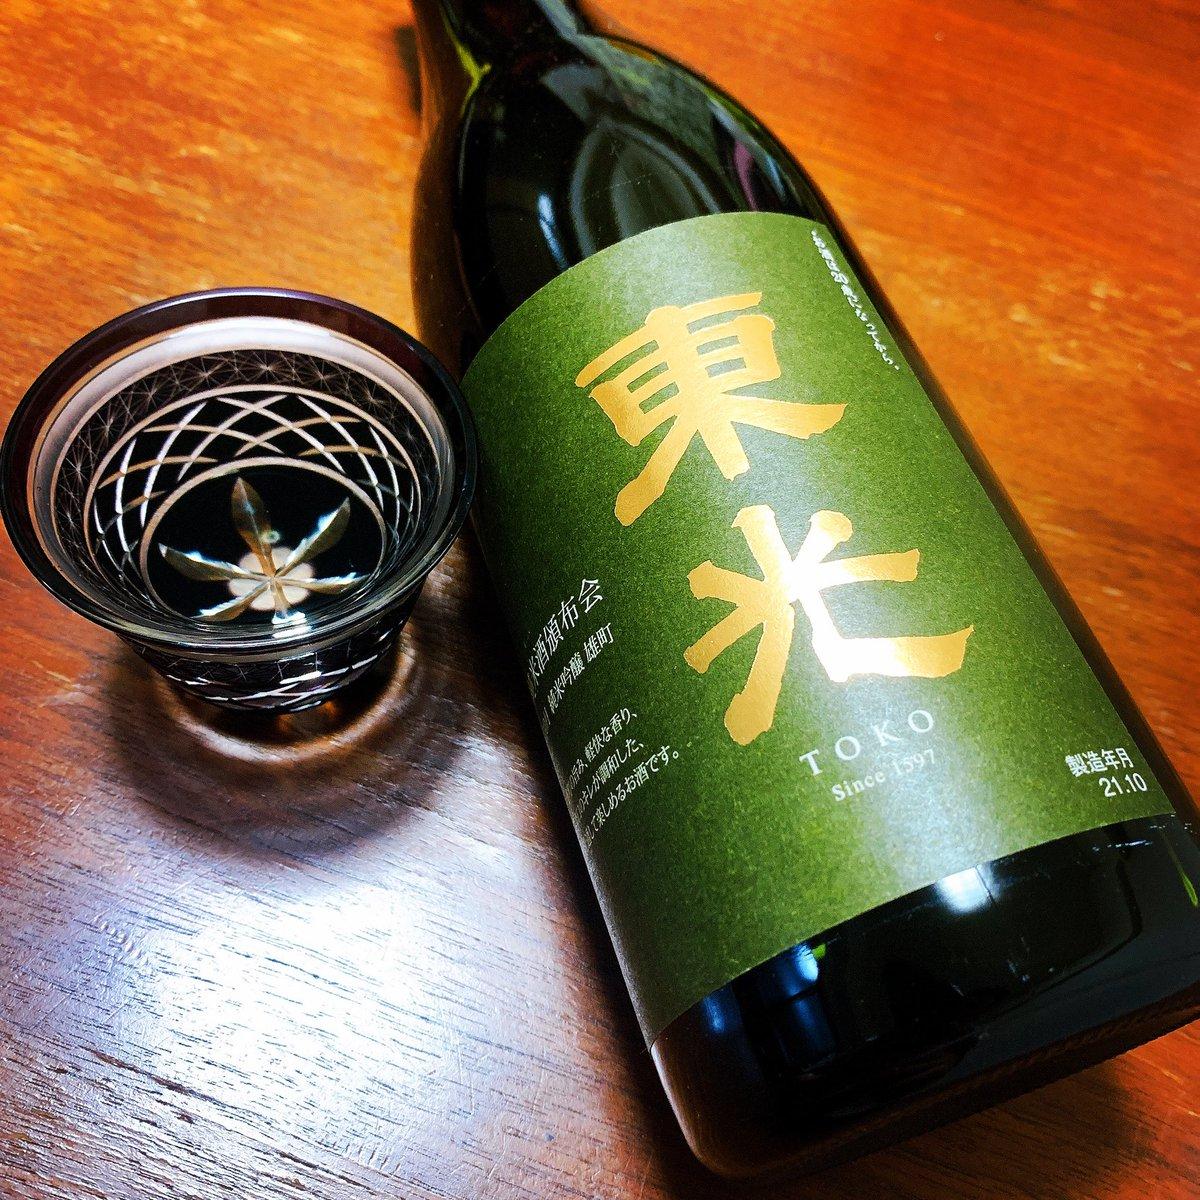 test ツイッターメディア - 昨日からぐっと冷え込んだ。 つまり、 日本酒が旨いということだ。  東光 純米吟醸 雄町 頒布会10月 山形県 小嶋総本店 フルーツのような良い香り。 大胆に膨らみはせずに、 絶妙なタイミングで辛くキレる。 美味しいです。   #日本酒   #日本酒好きと繋がりたい   #東光   #頒布会   #雄町   #山形県 https://t.co/AD1I1kqnfI